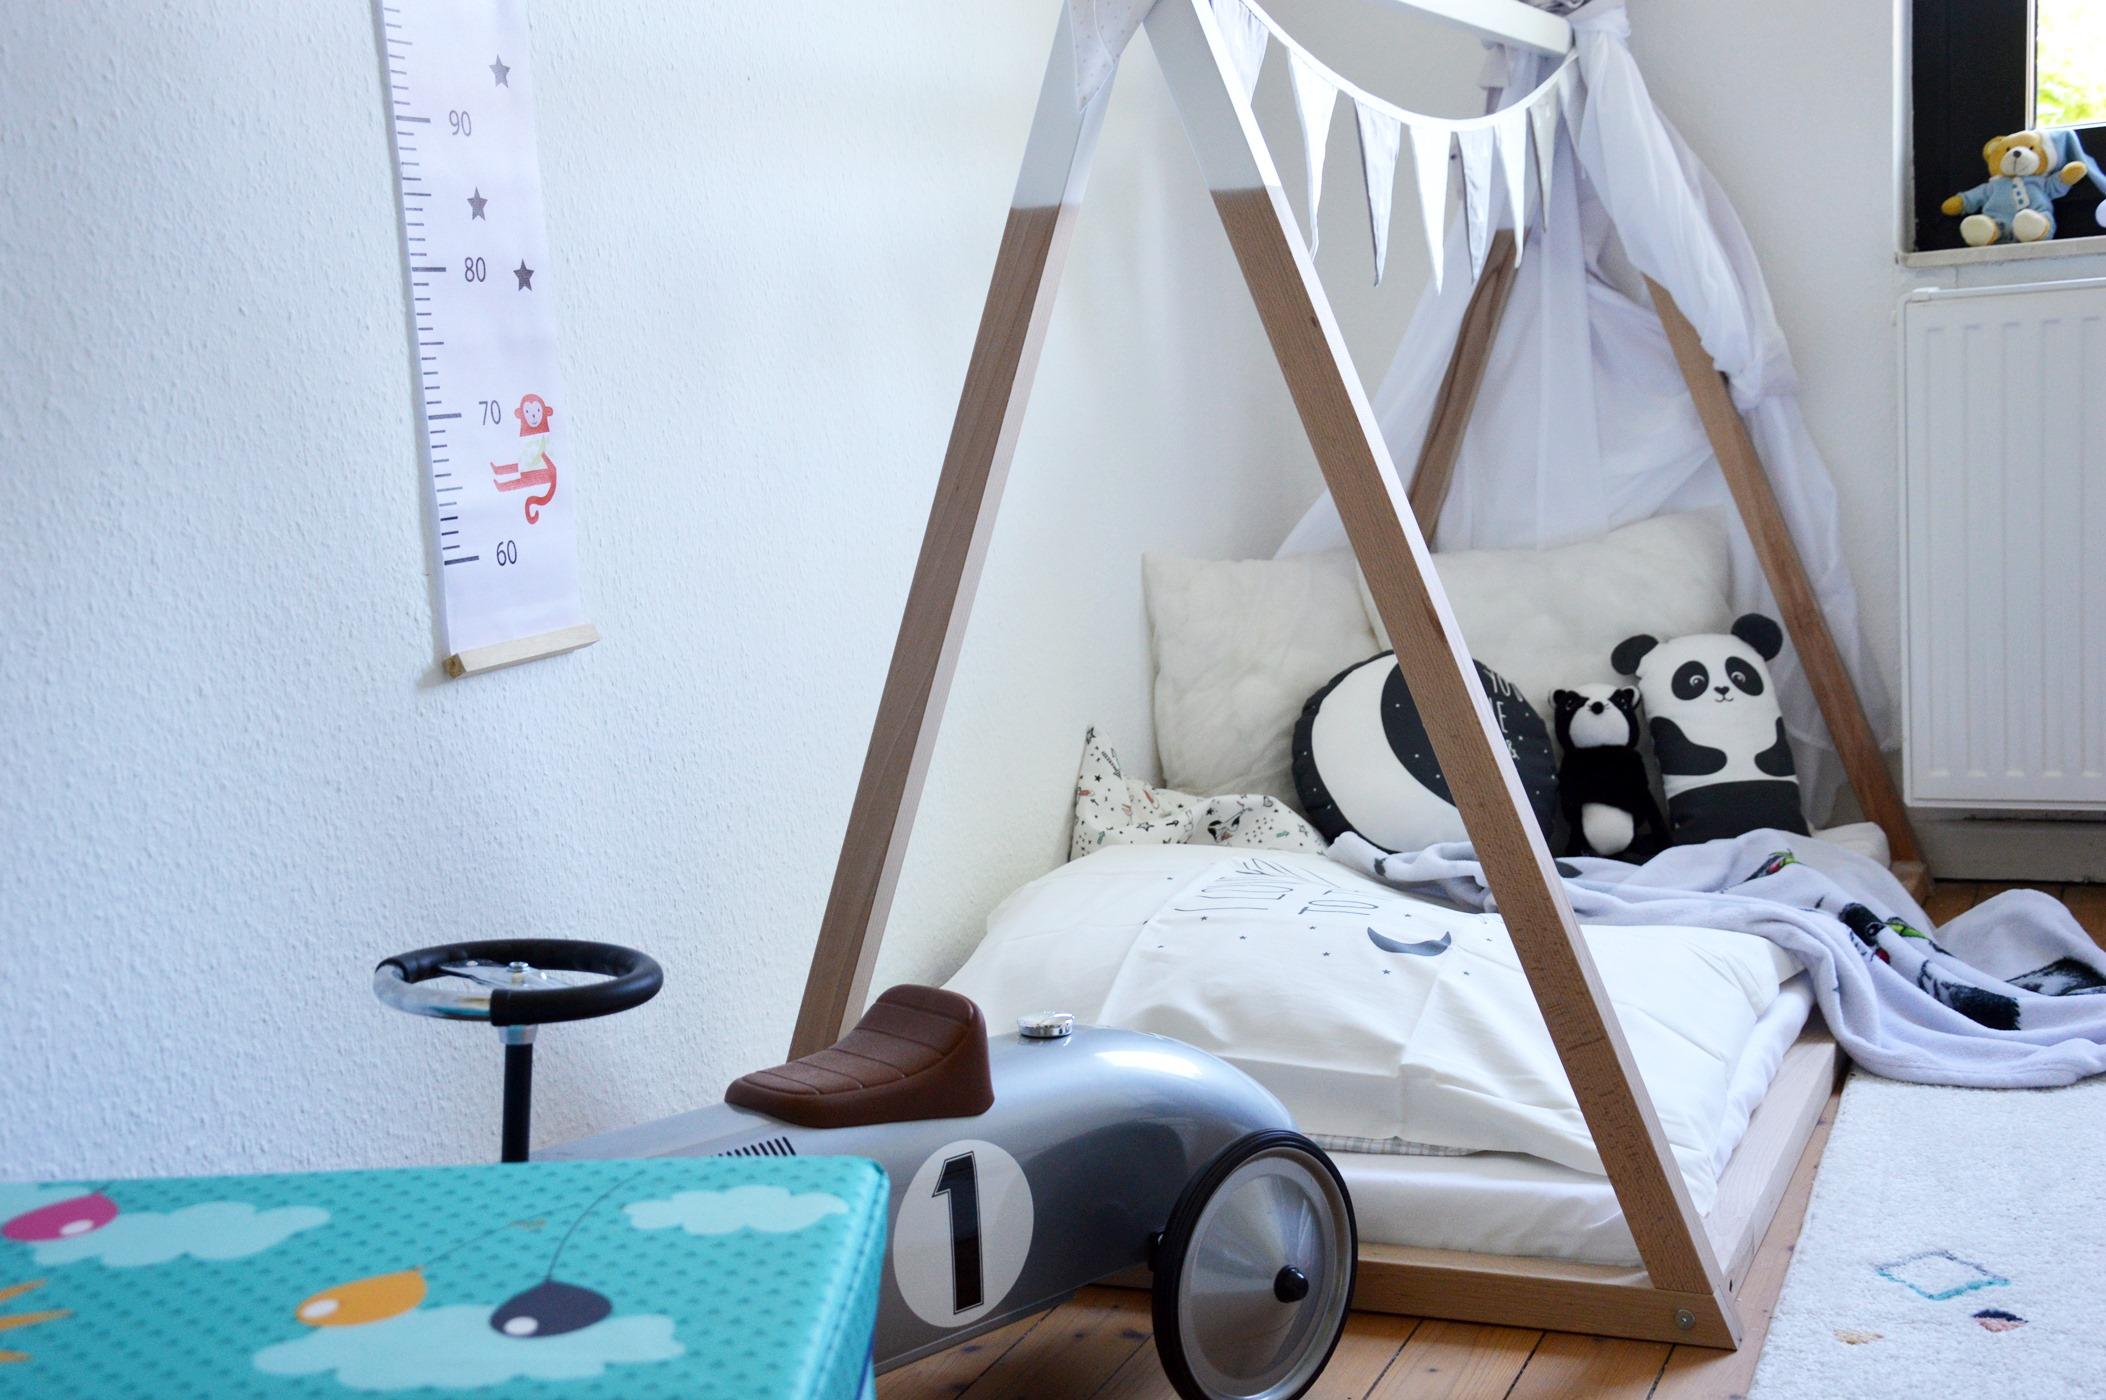 Full Size of Kinderzimmer Einrichten Tipps Und Inspirationen Babyartikelde Regal Weiß Regale Sofa Kinderzimmer Einrichtung Kinderzimmer